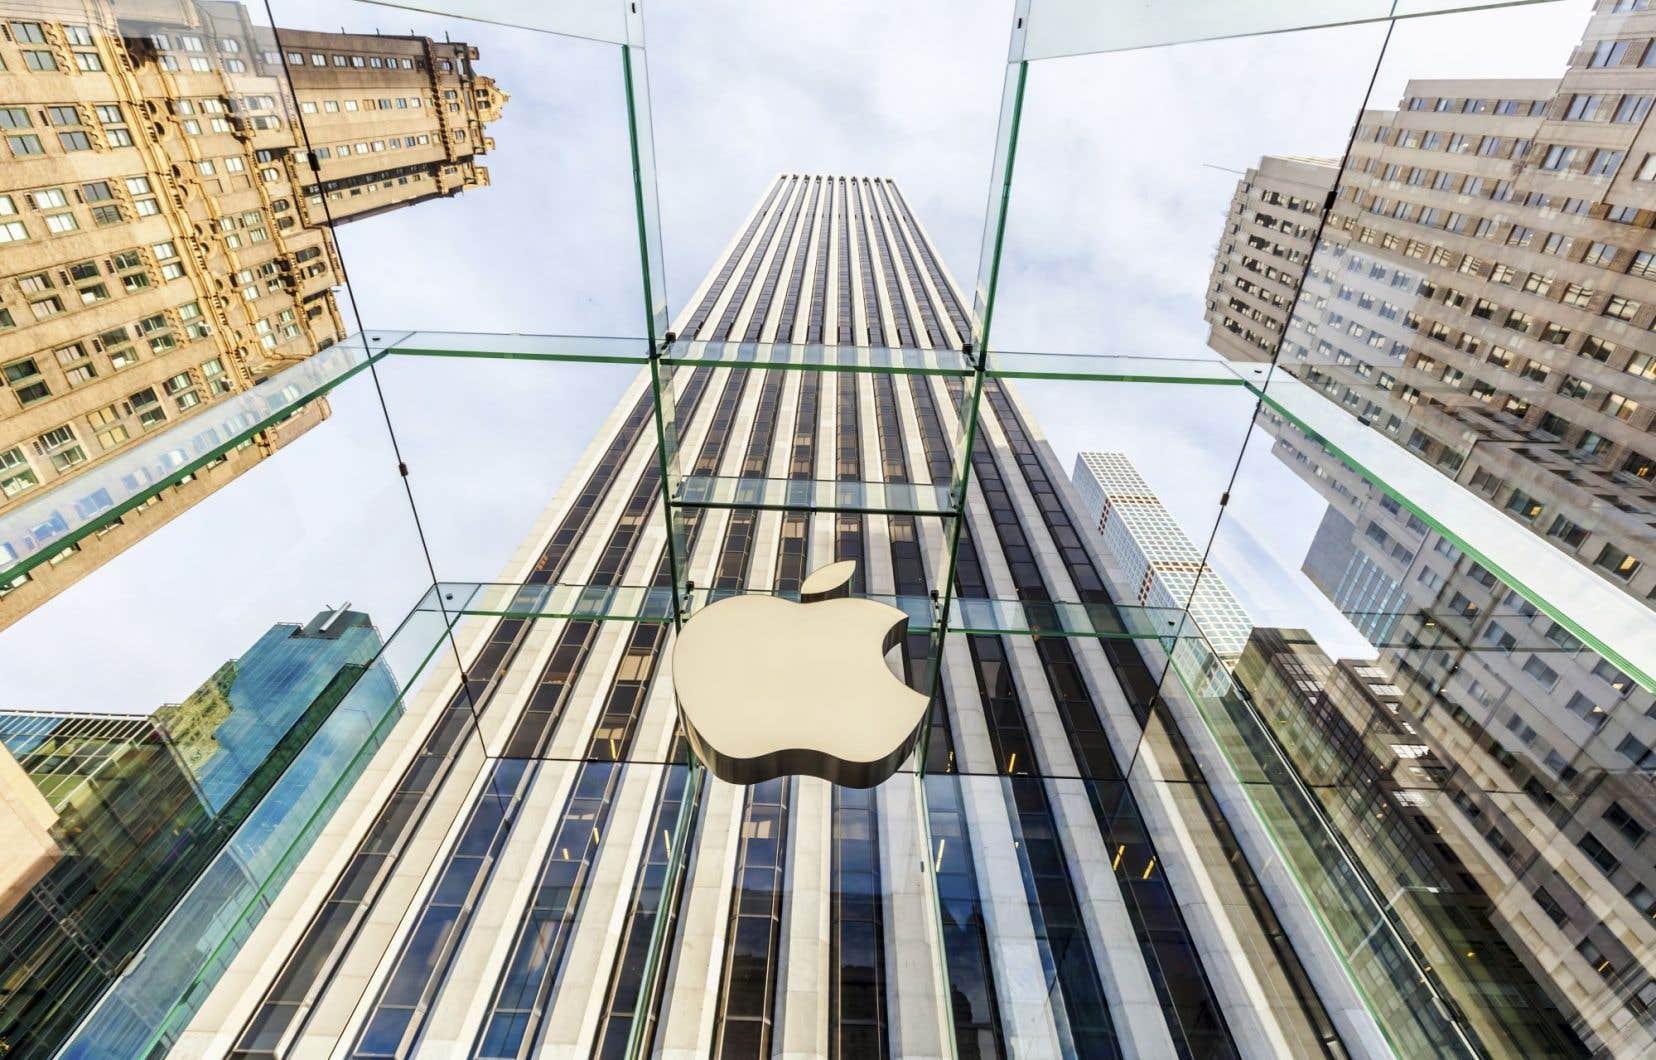 La Commission européenne a demandé à Apple de rembourser la somme record de 13milliards d'euros (14,5 milliards $US) d'avantages fiscaux accordés par le gouvernement irlandais.